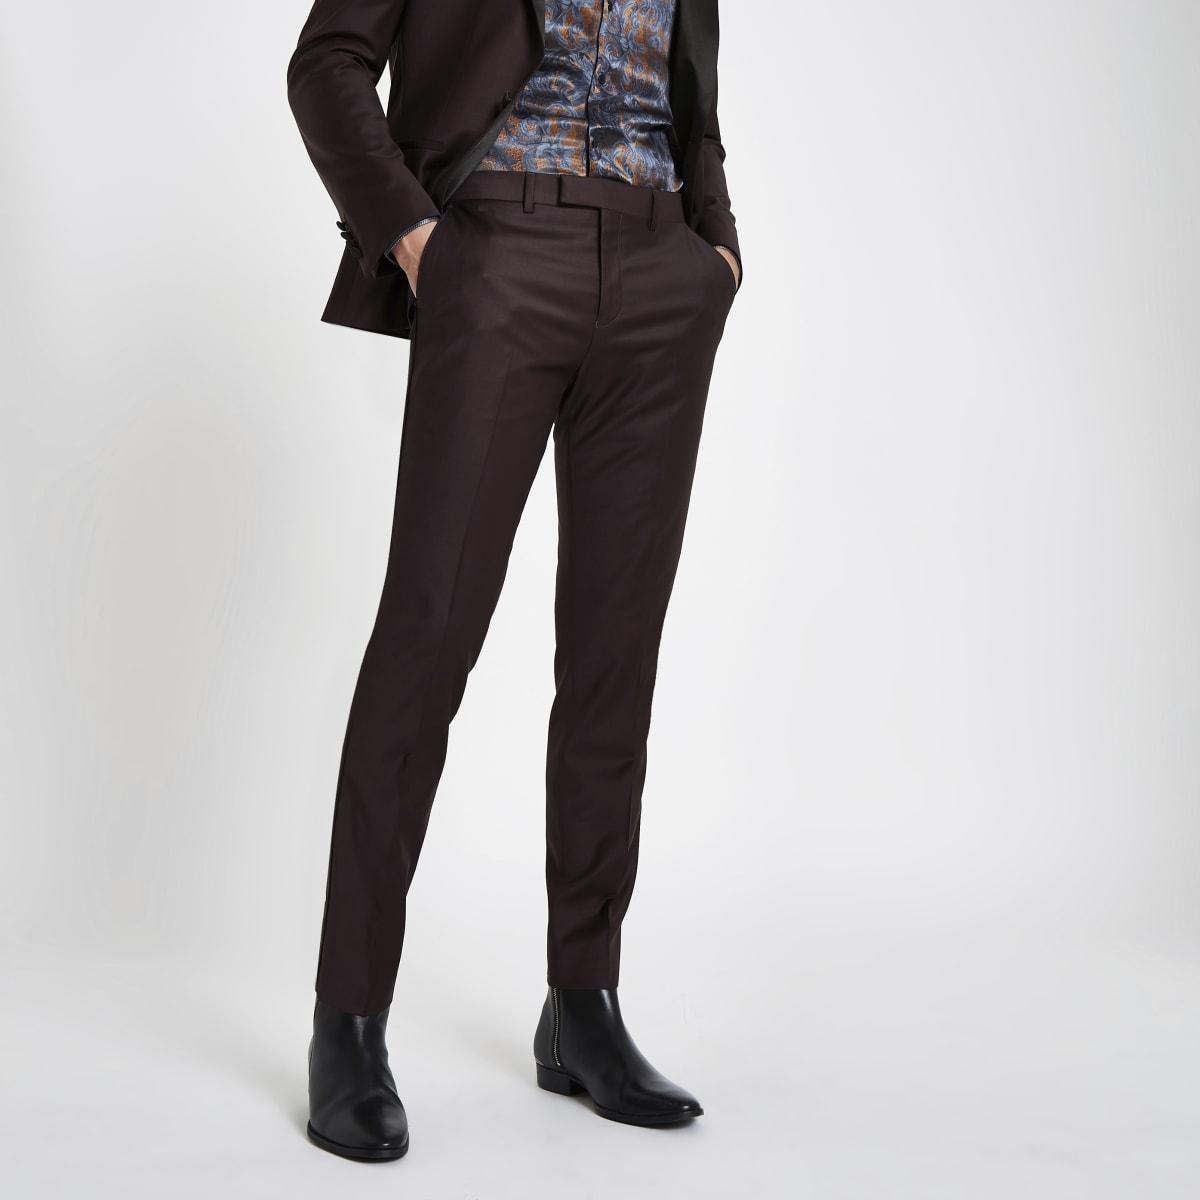 RI 30 burgundy skinny fit suit pants